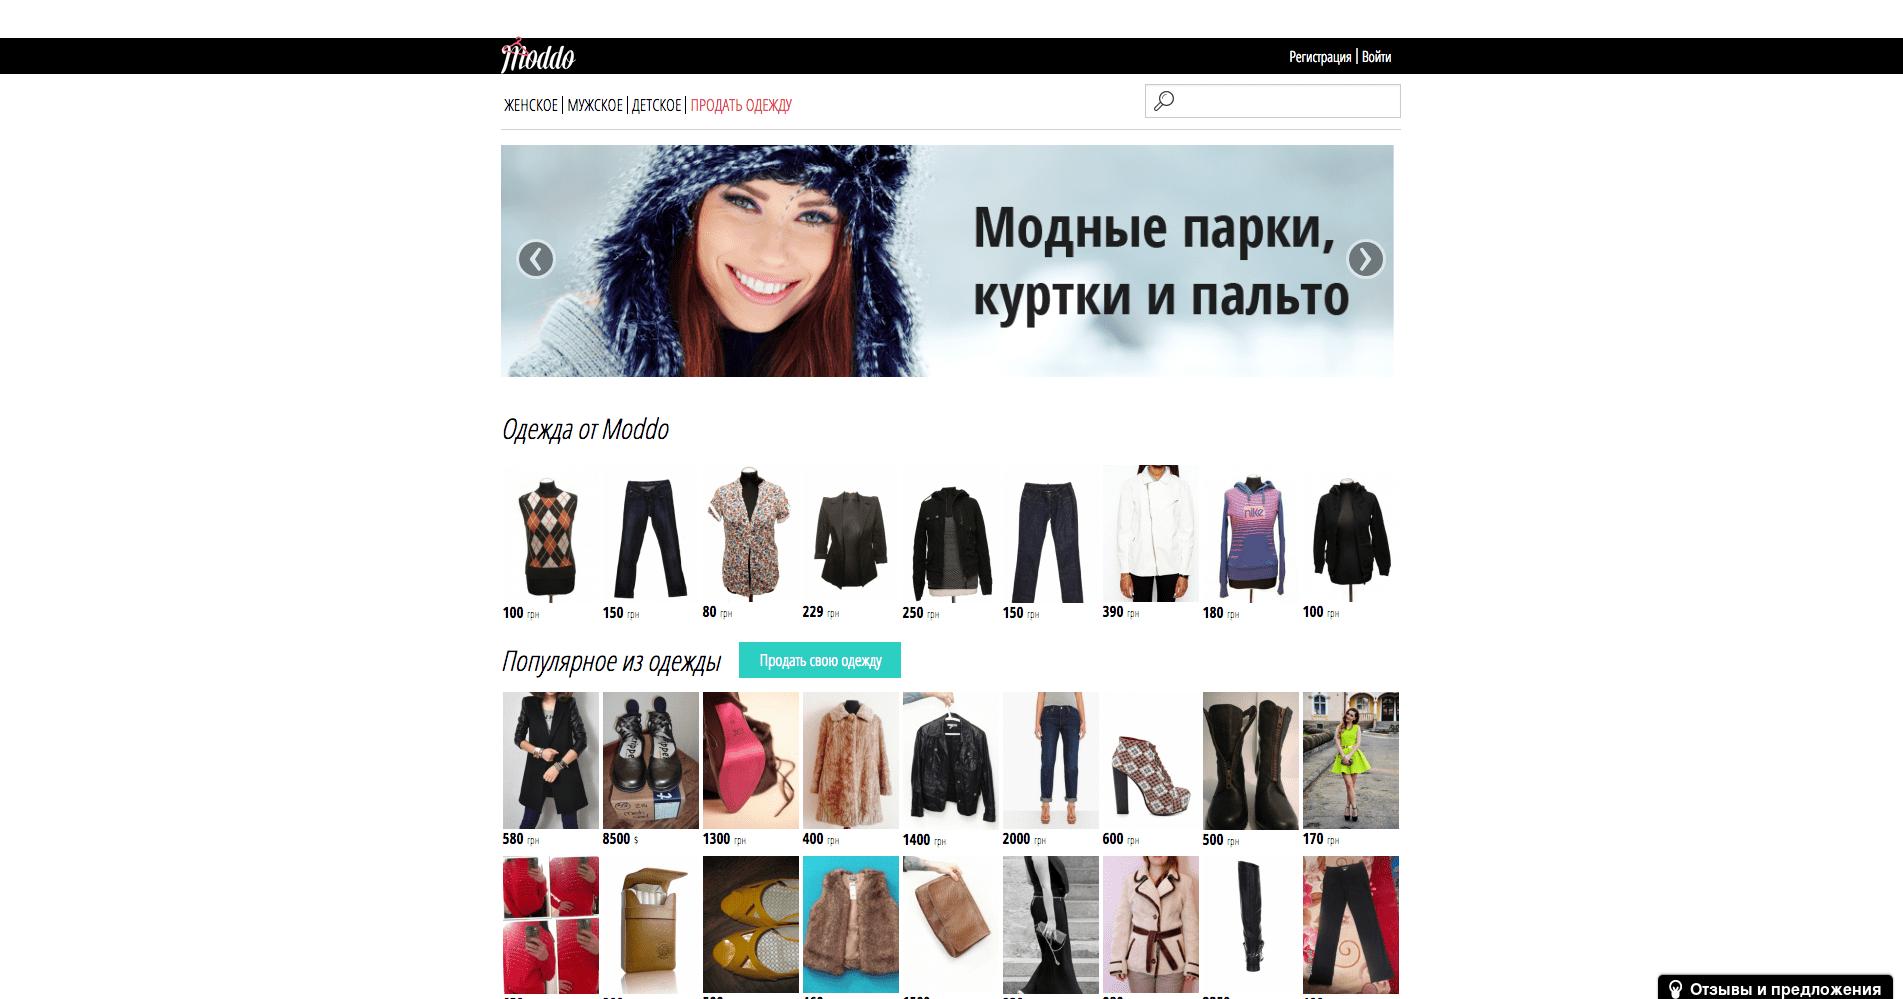 clothing-market-place5b6db09c652fec1ddac9714a